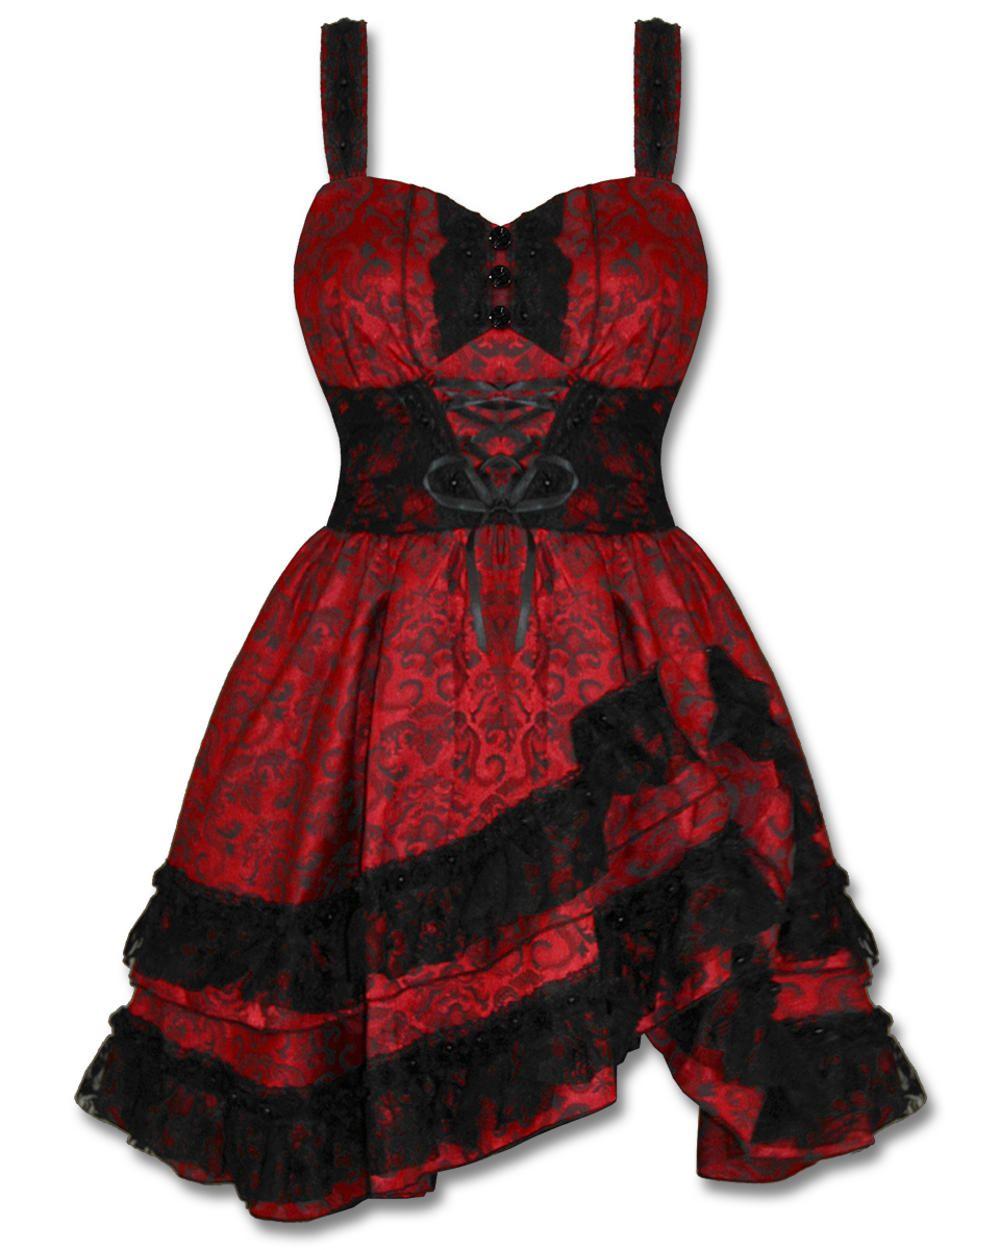 Jawbreaker moulin rouge prom dress Žltá pinterest moulin rouge